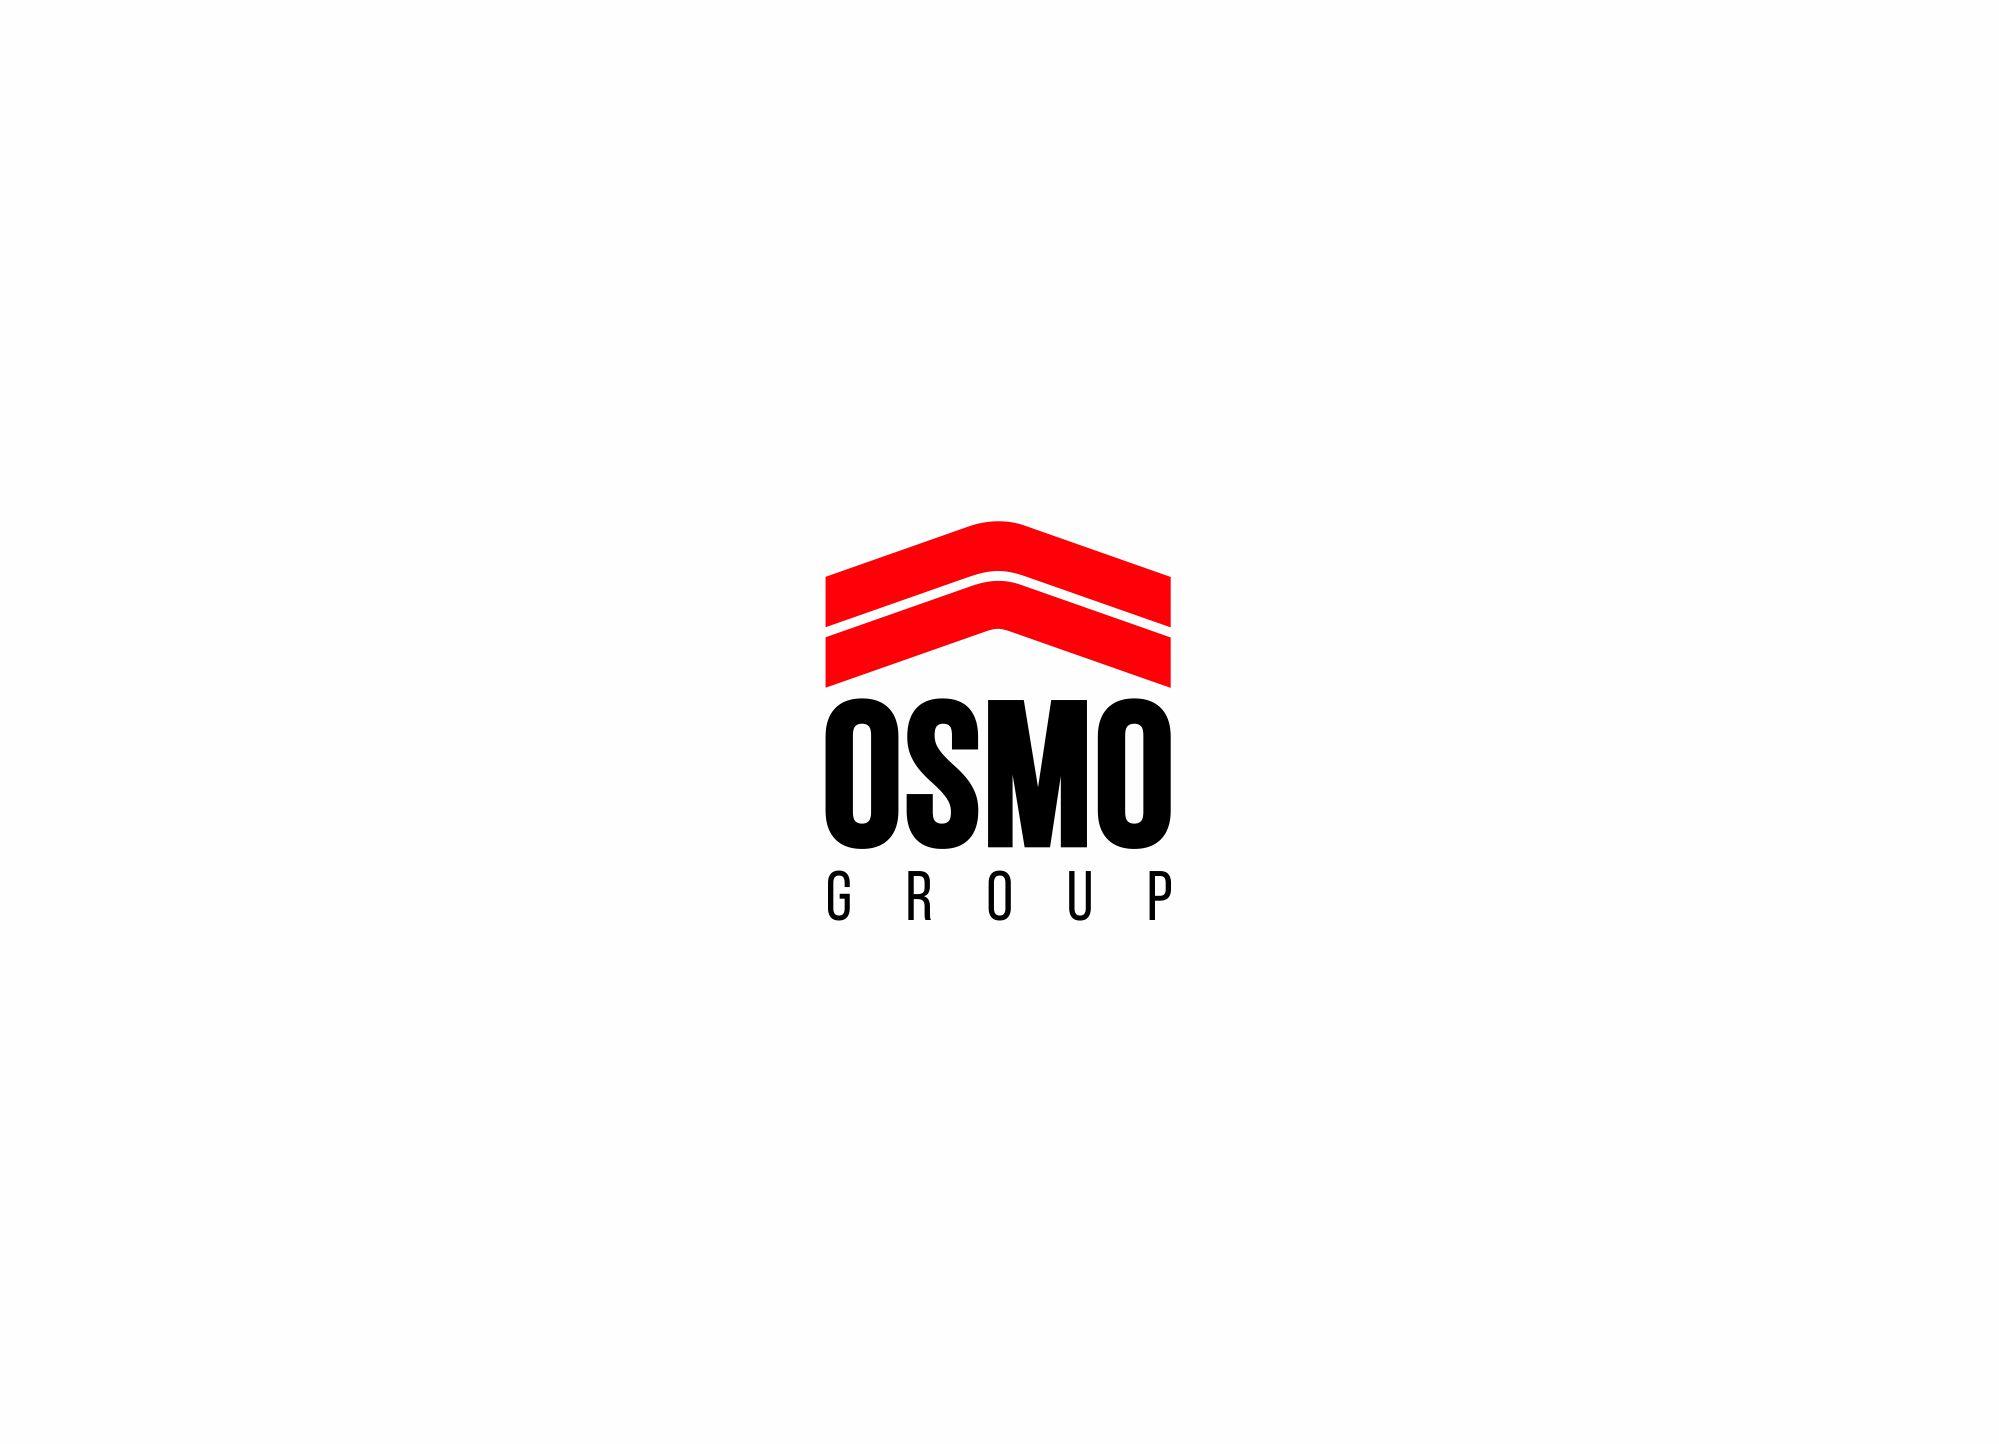 Создание логотипа для строительной компании OSMO group  фото f_60159b63632b96d1.jpg